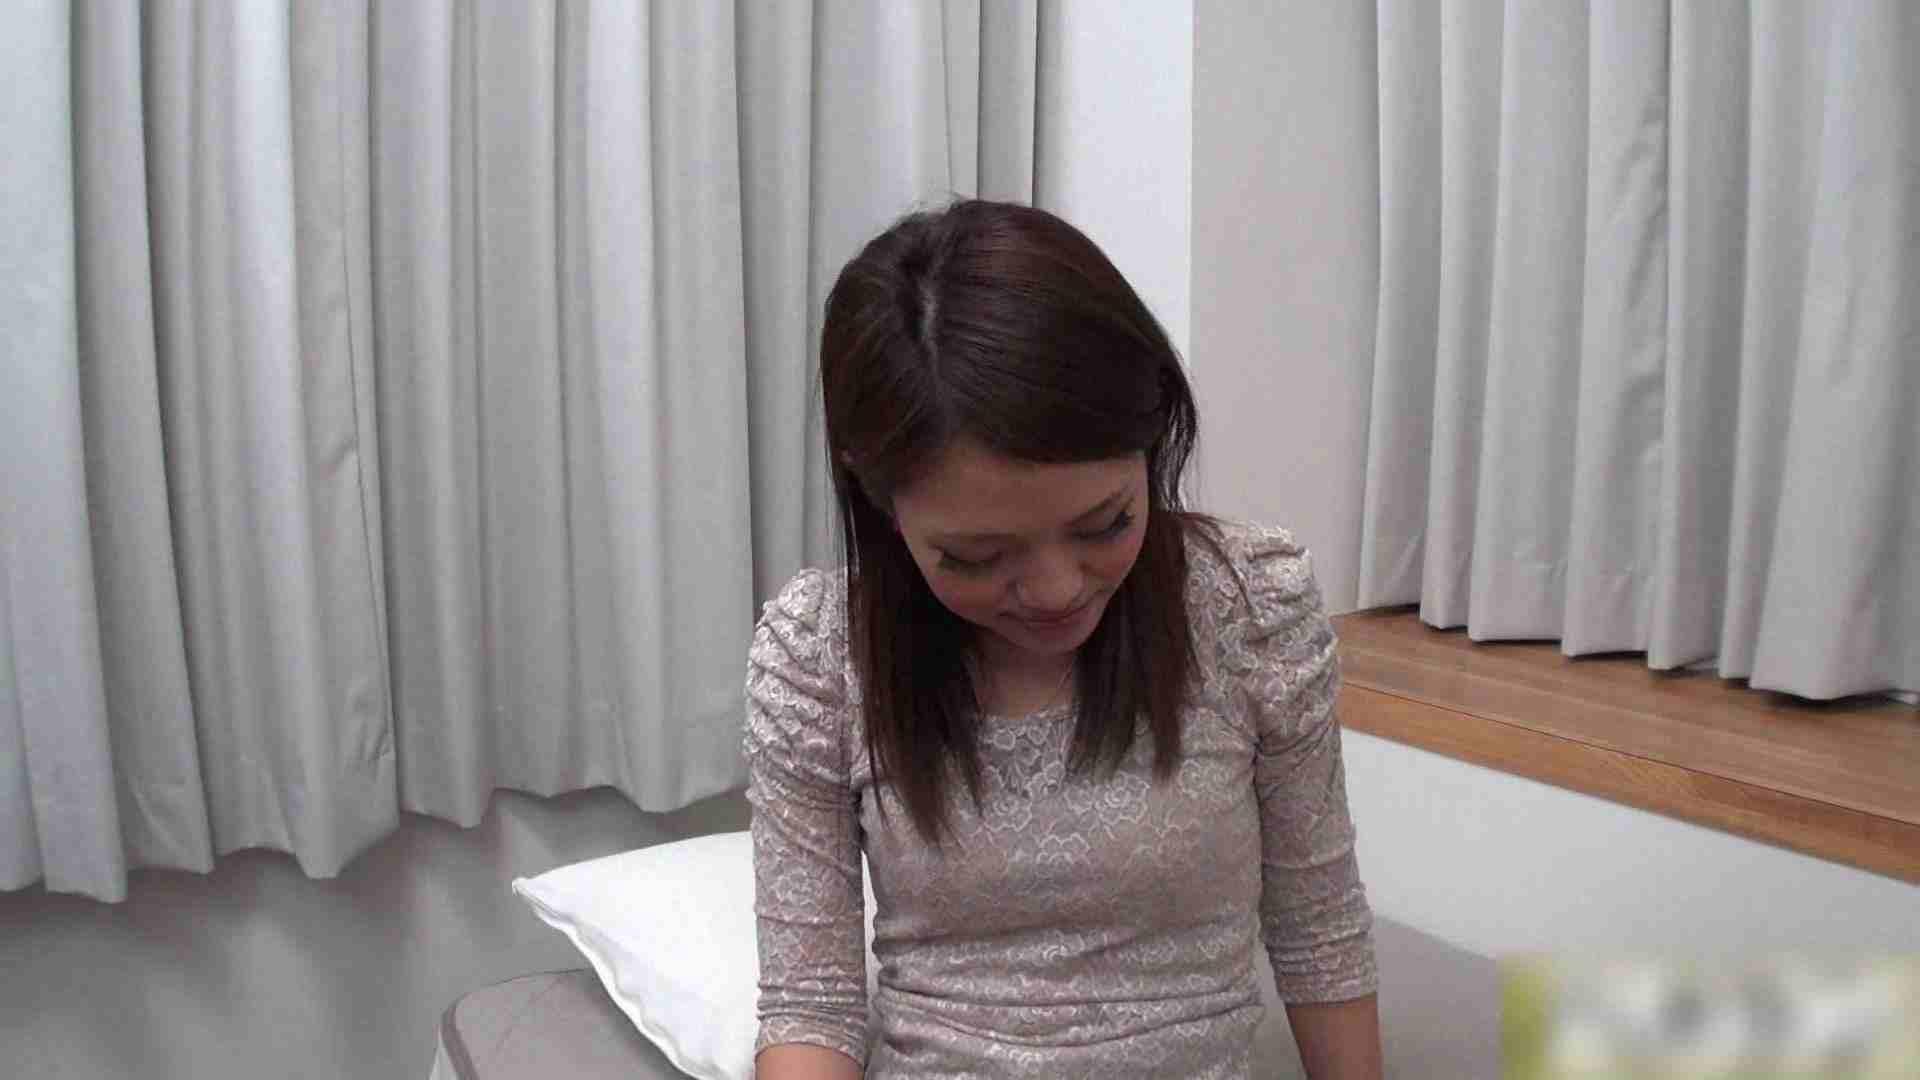 S級厳選美女ビッチガールVol.29 前編 エロティックなOL  82画像 20